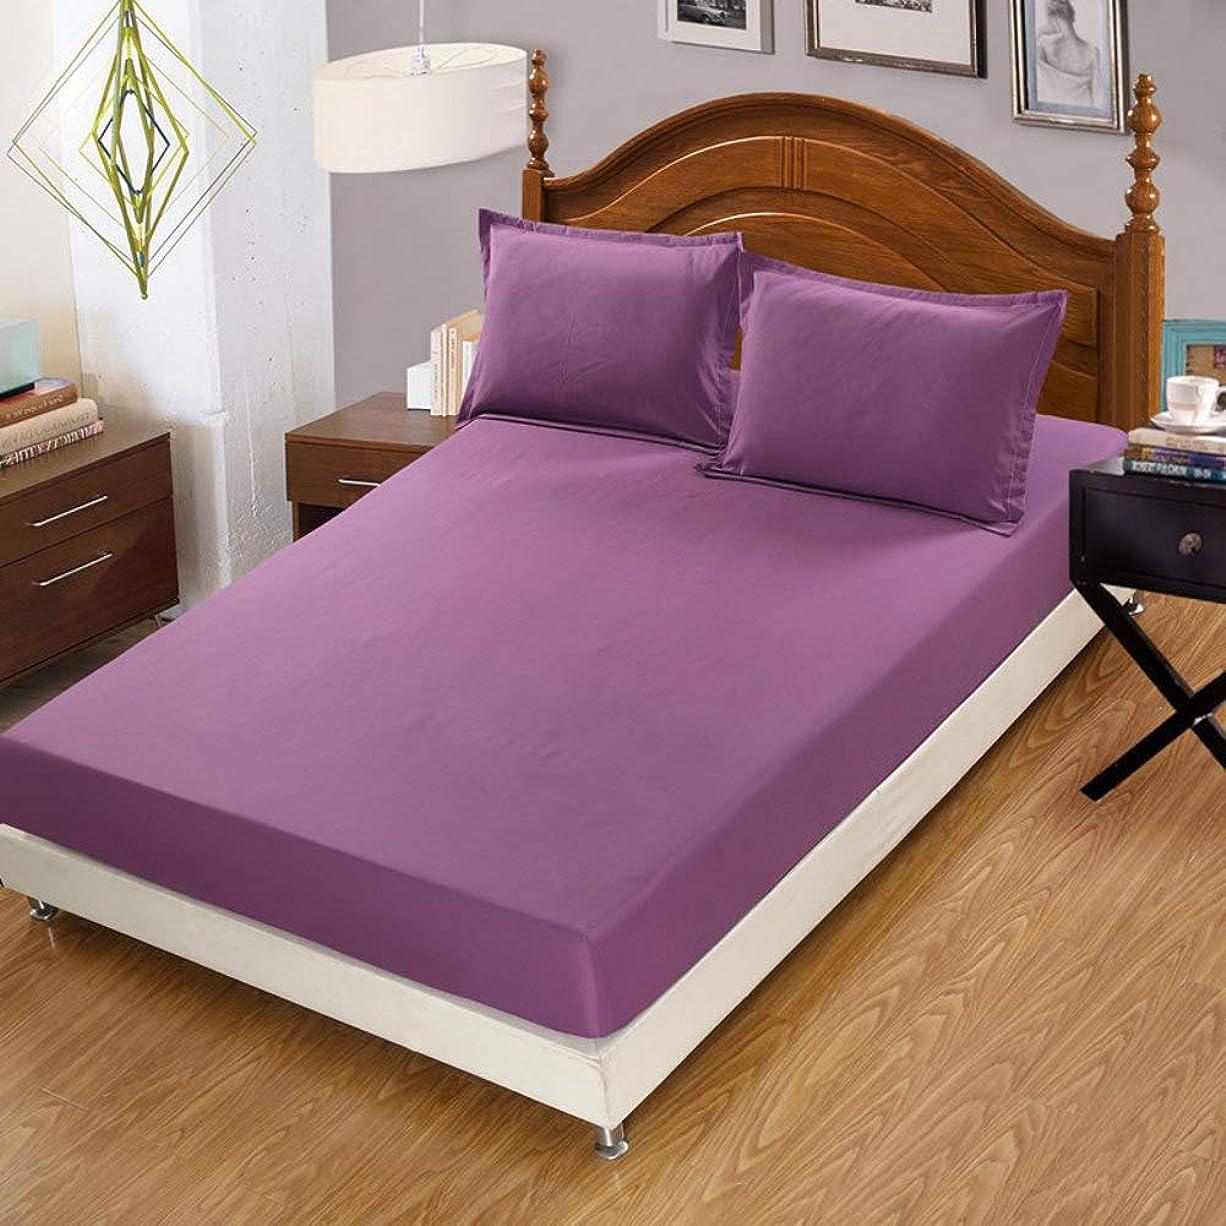 出撃者自分自身ポールプレミアム 単色 フィット シート ホテル 高級 最も柔らかい寝具 ベッド シート 深いポケット ベッド カバー シワや耐フェード ベッドカバー-